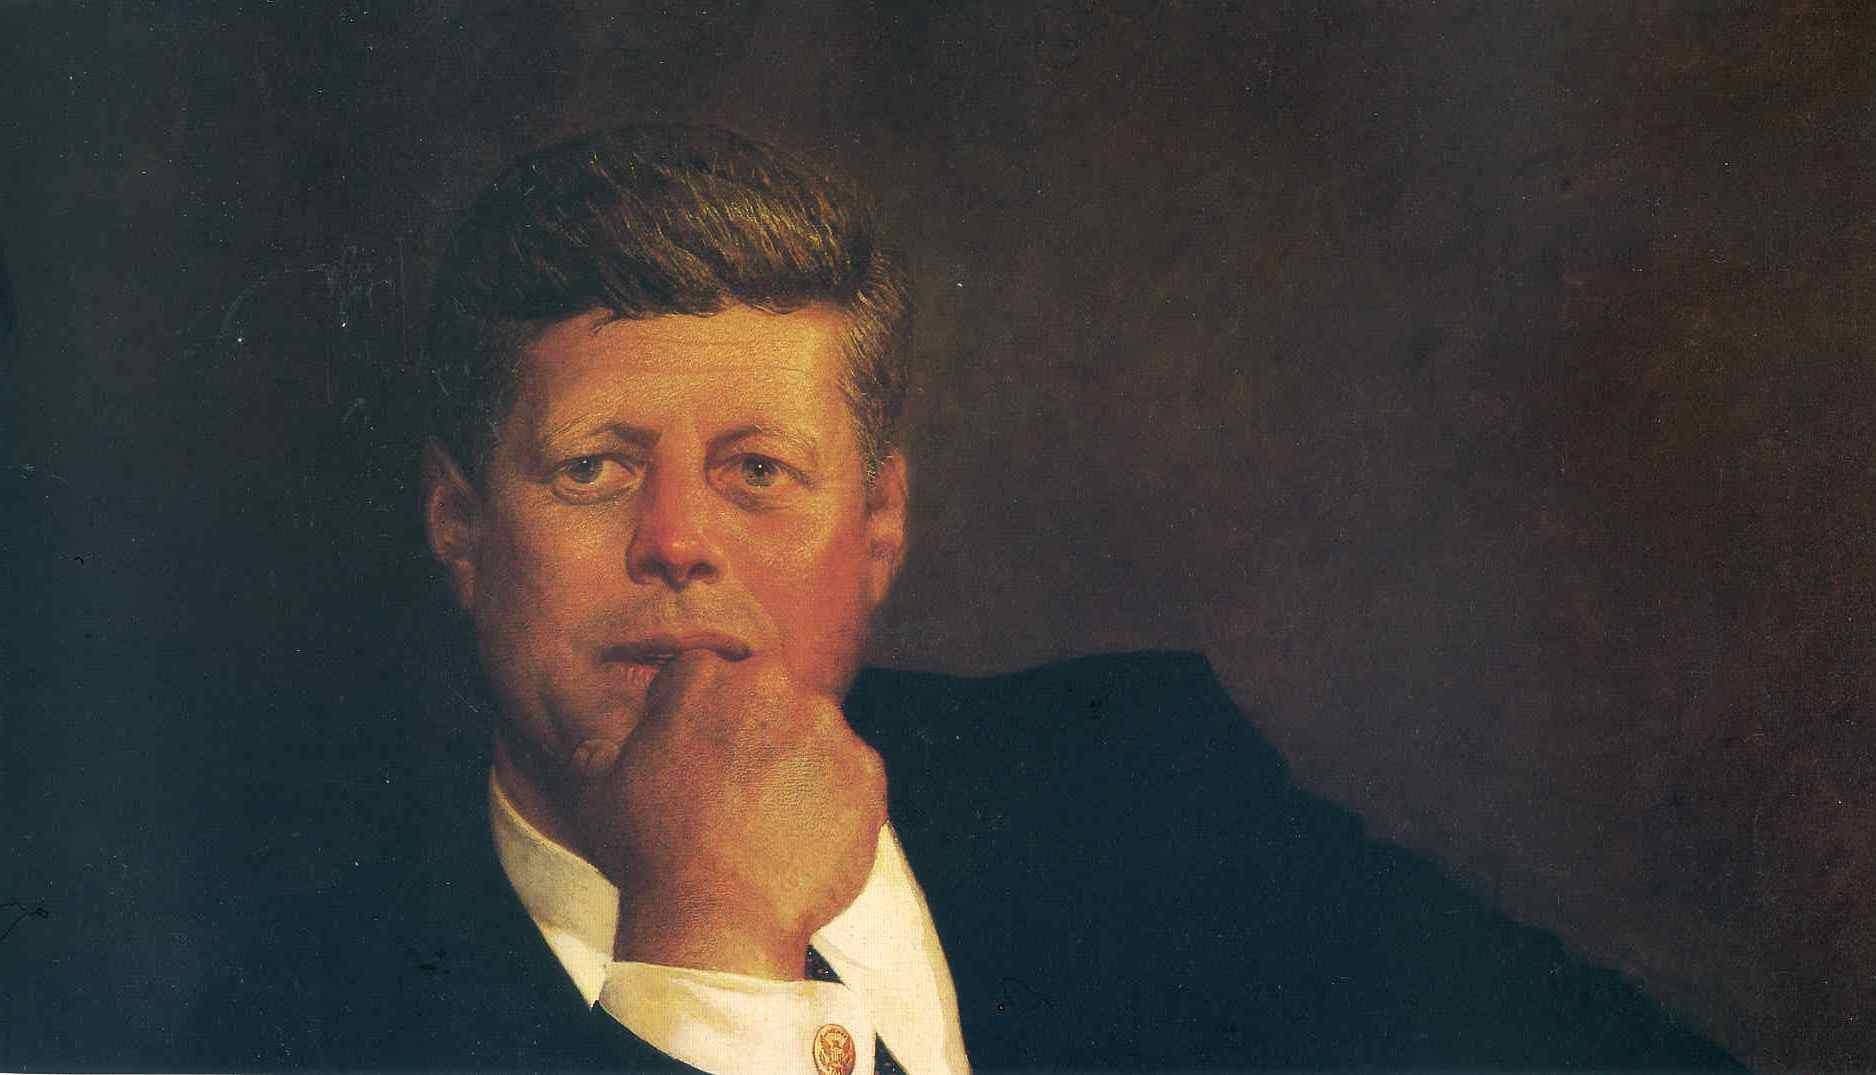 Портрет президента Джона Ф. Кеннеди 1967